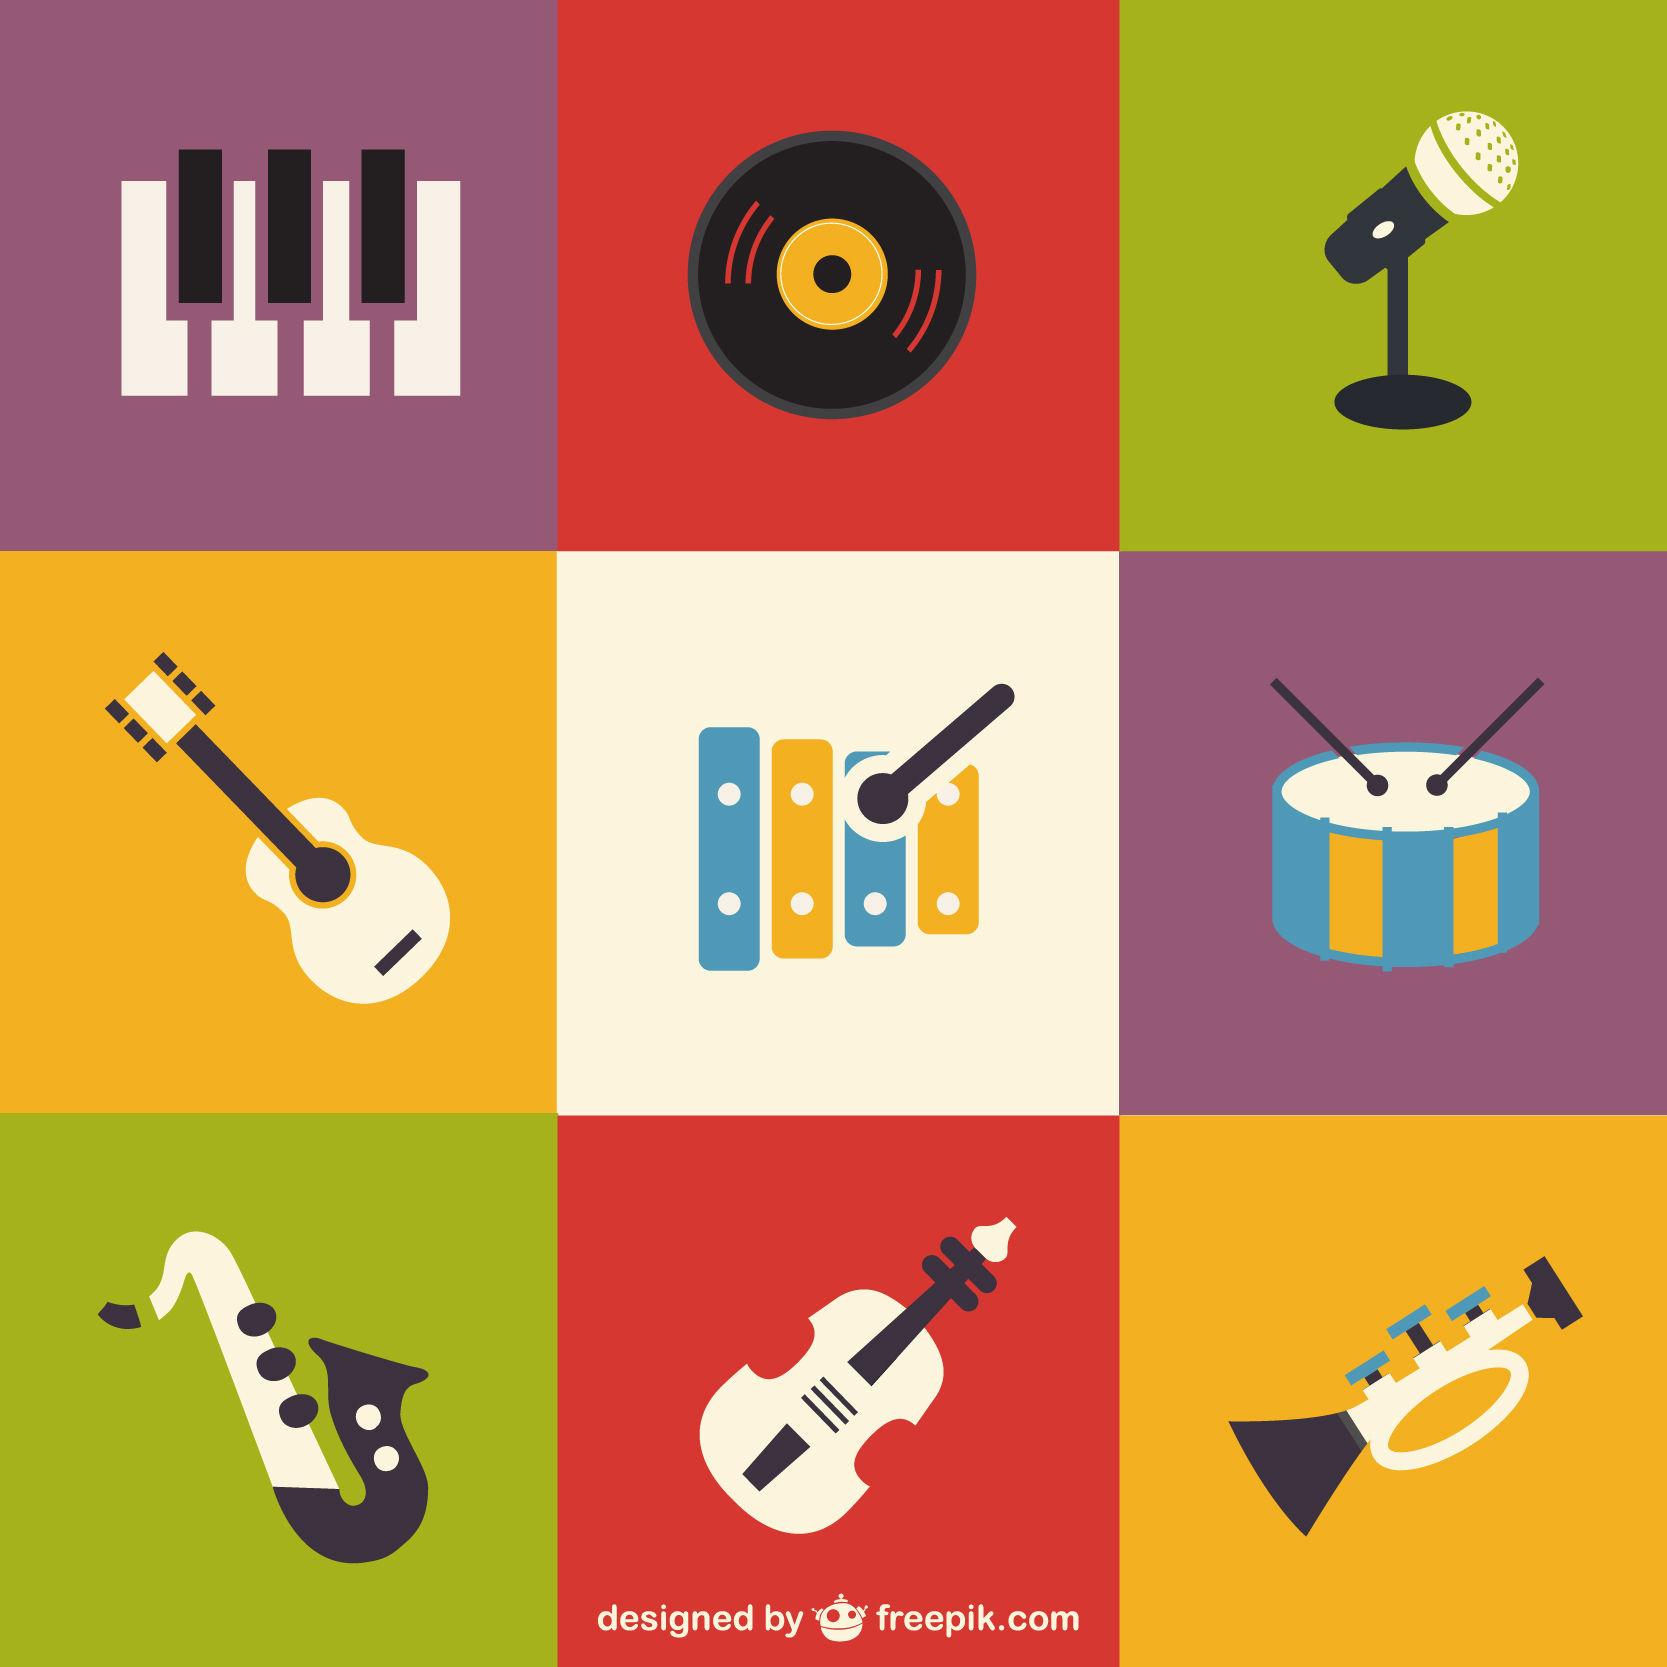 ¿Qué prefieres en el campo de la música? (Están por orden alfabético)